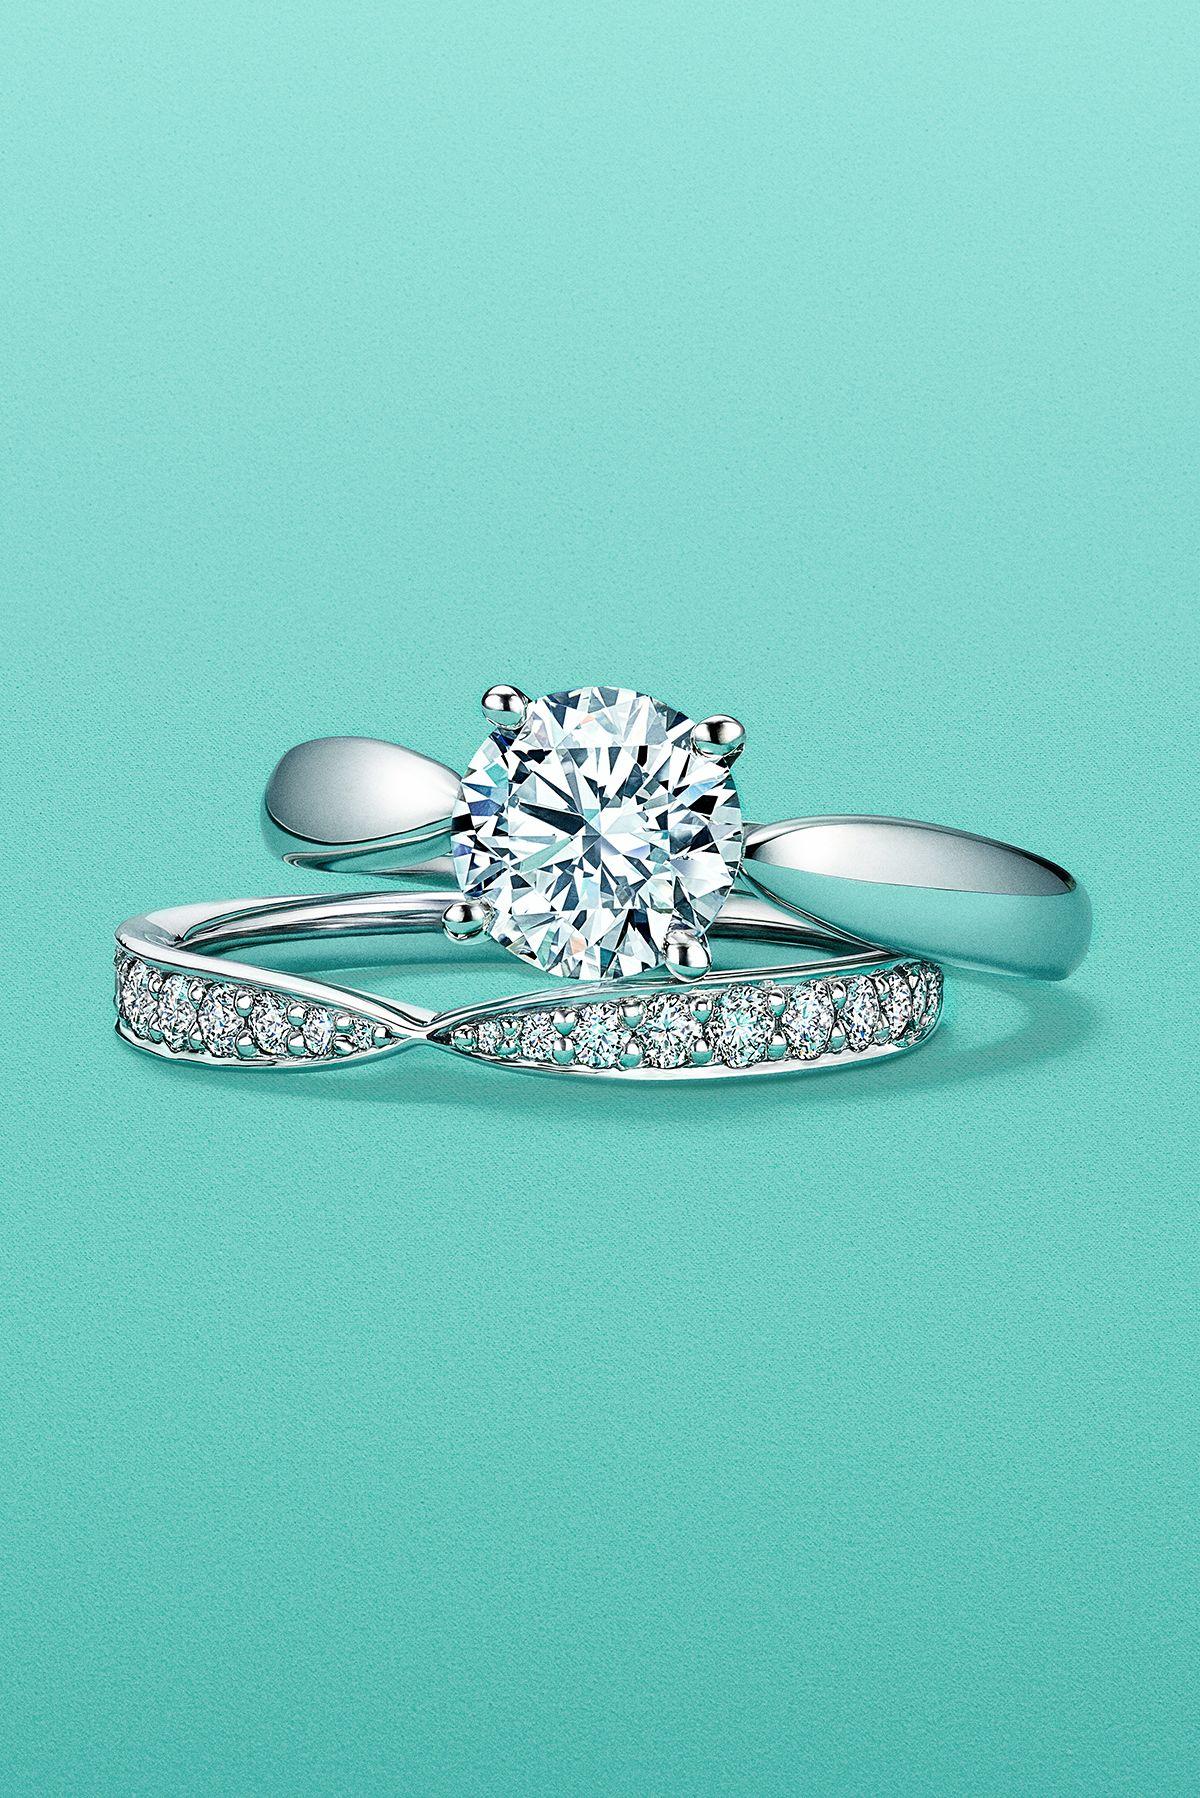 Tiffany Harmony Engagement Ring Tiffany Engagement Ring Wedding Rings Vintage Fine Engagement Rings